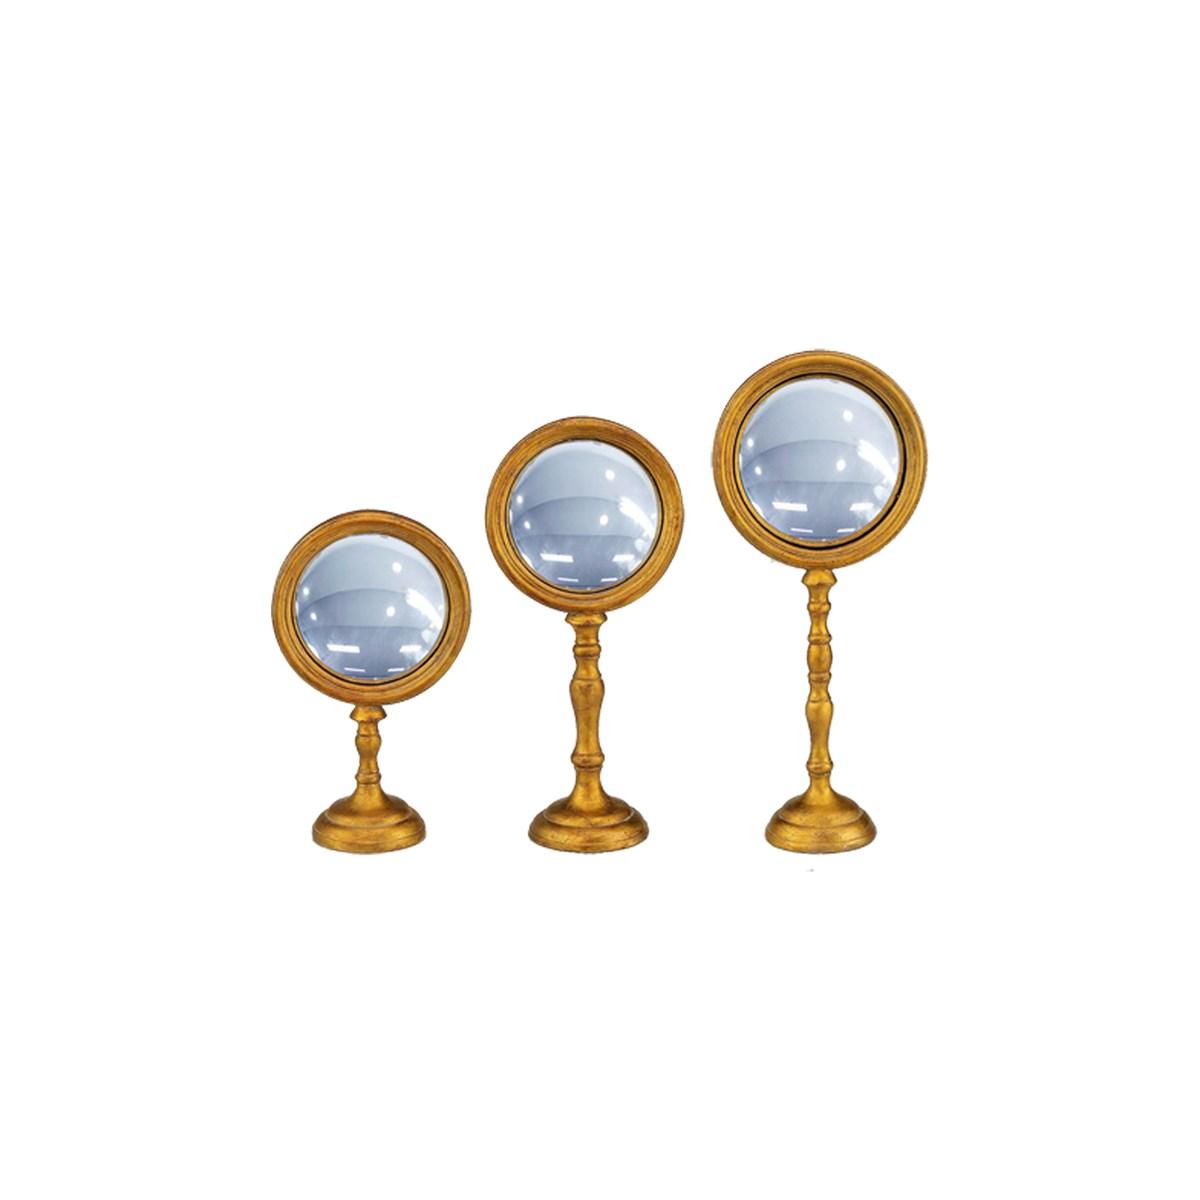 Lot de 3 miroirs convexes sur pied en résine dorée